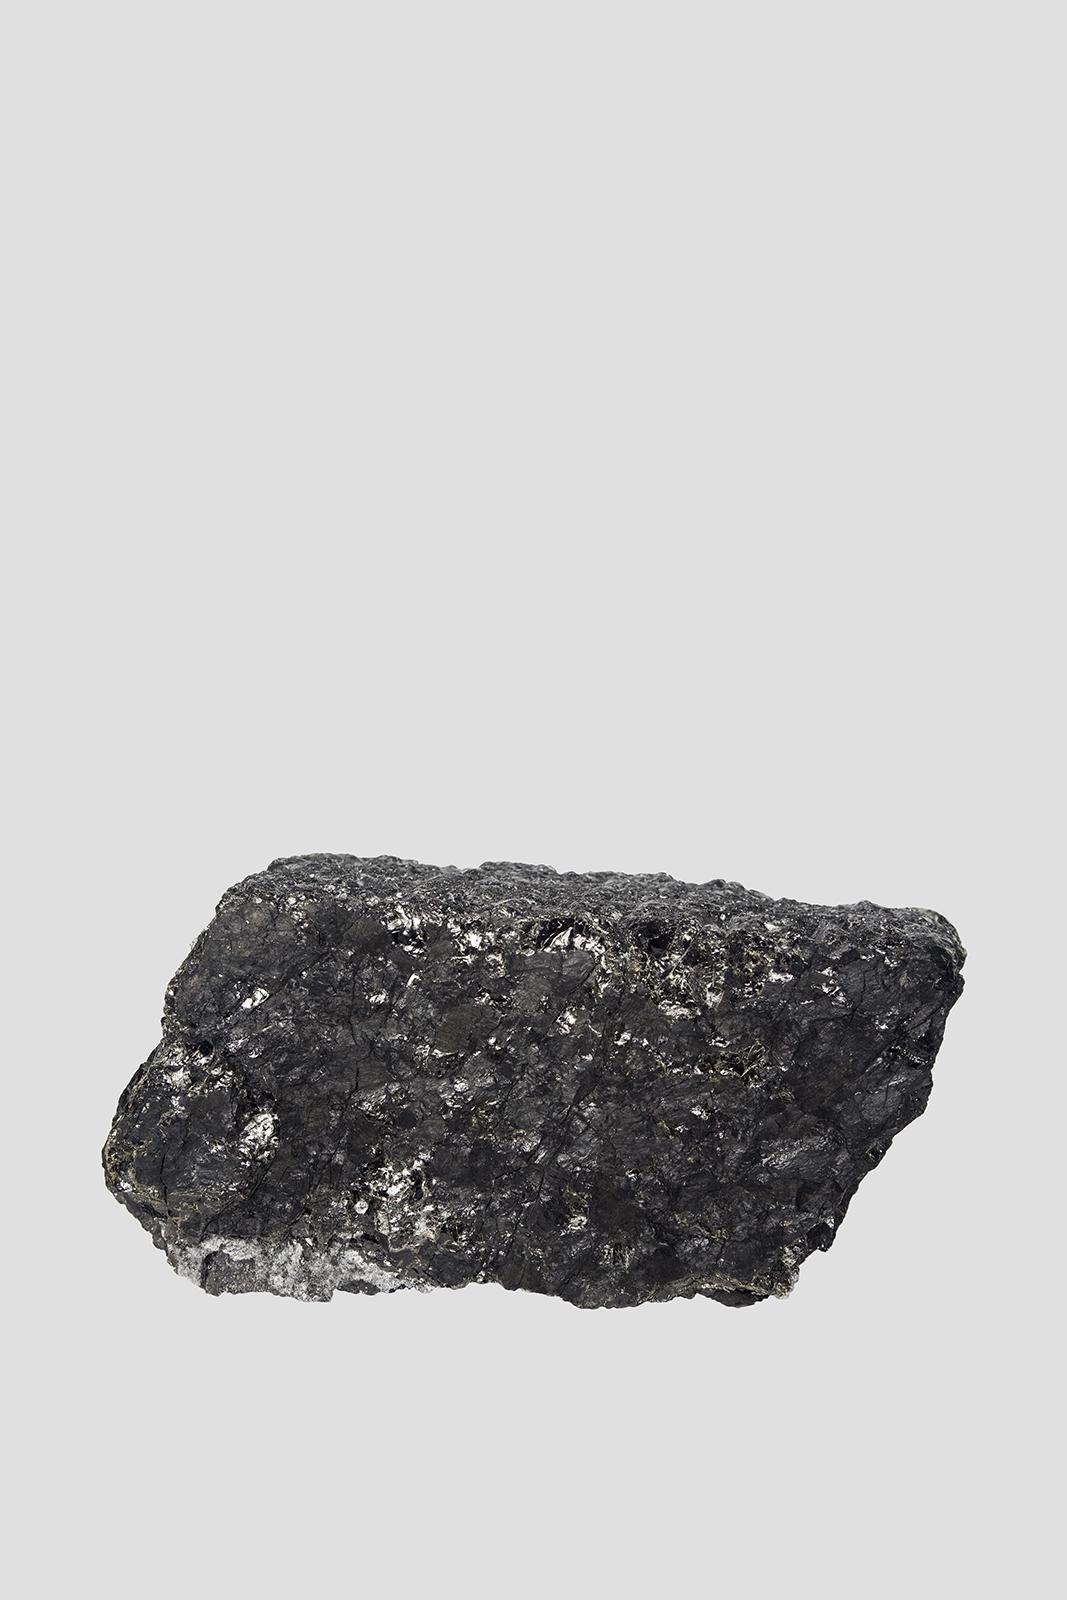 Антрацит, Ровеньки/ Anthracite, Rovenky